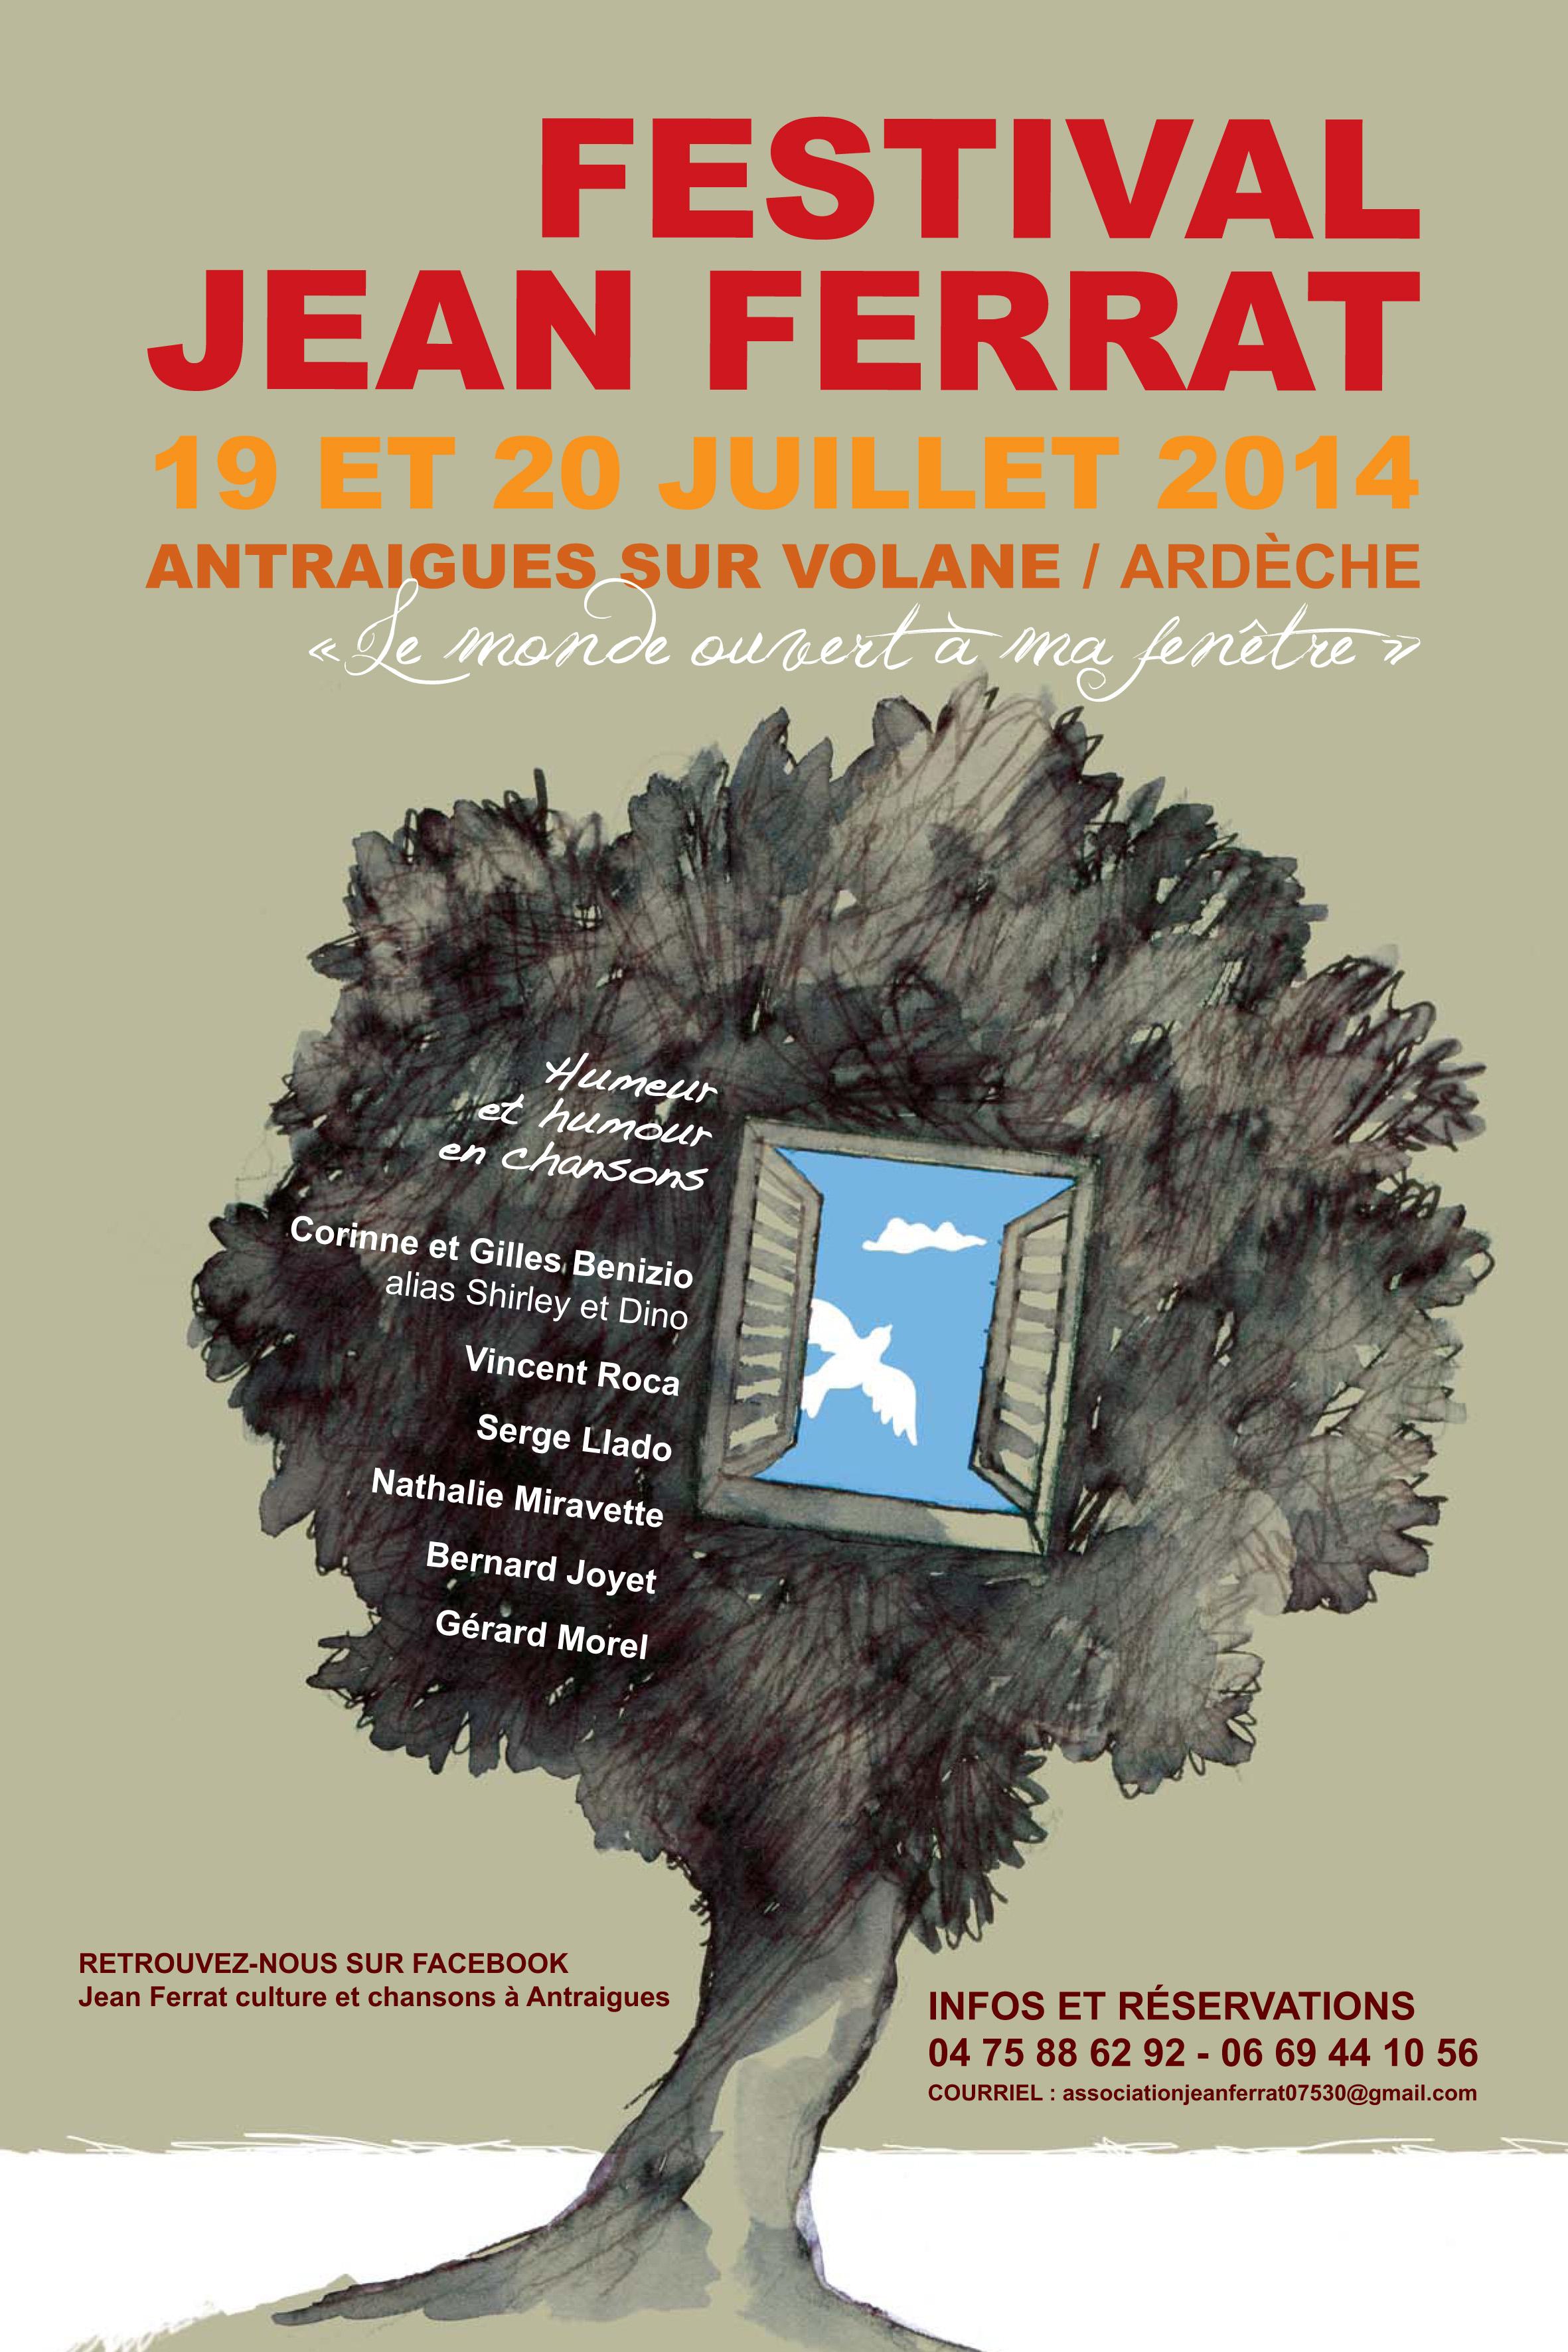 Maison jean ferrat antraigues festival jean ferrat 2014 for Antraigues sur volane maison de jean ferrat